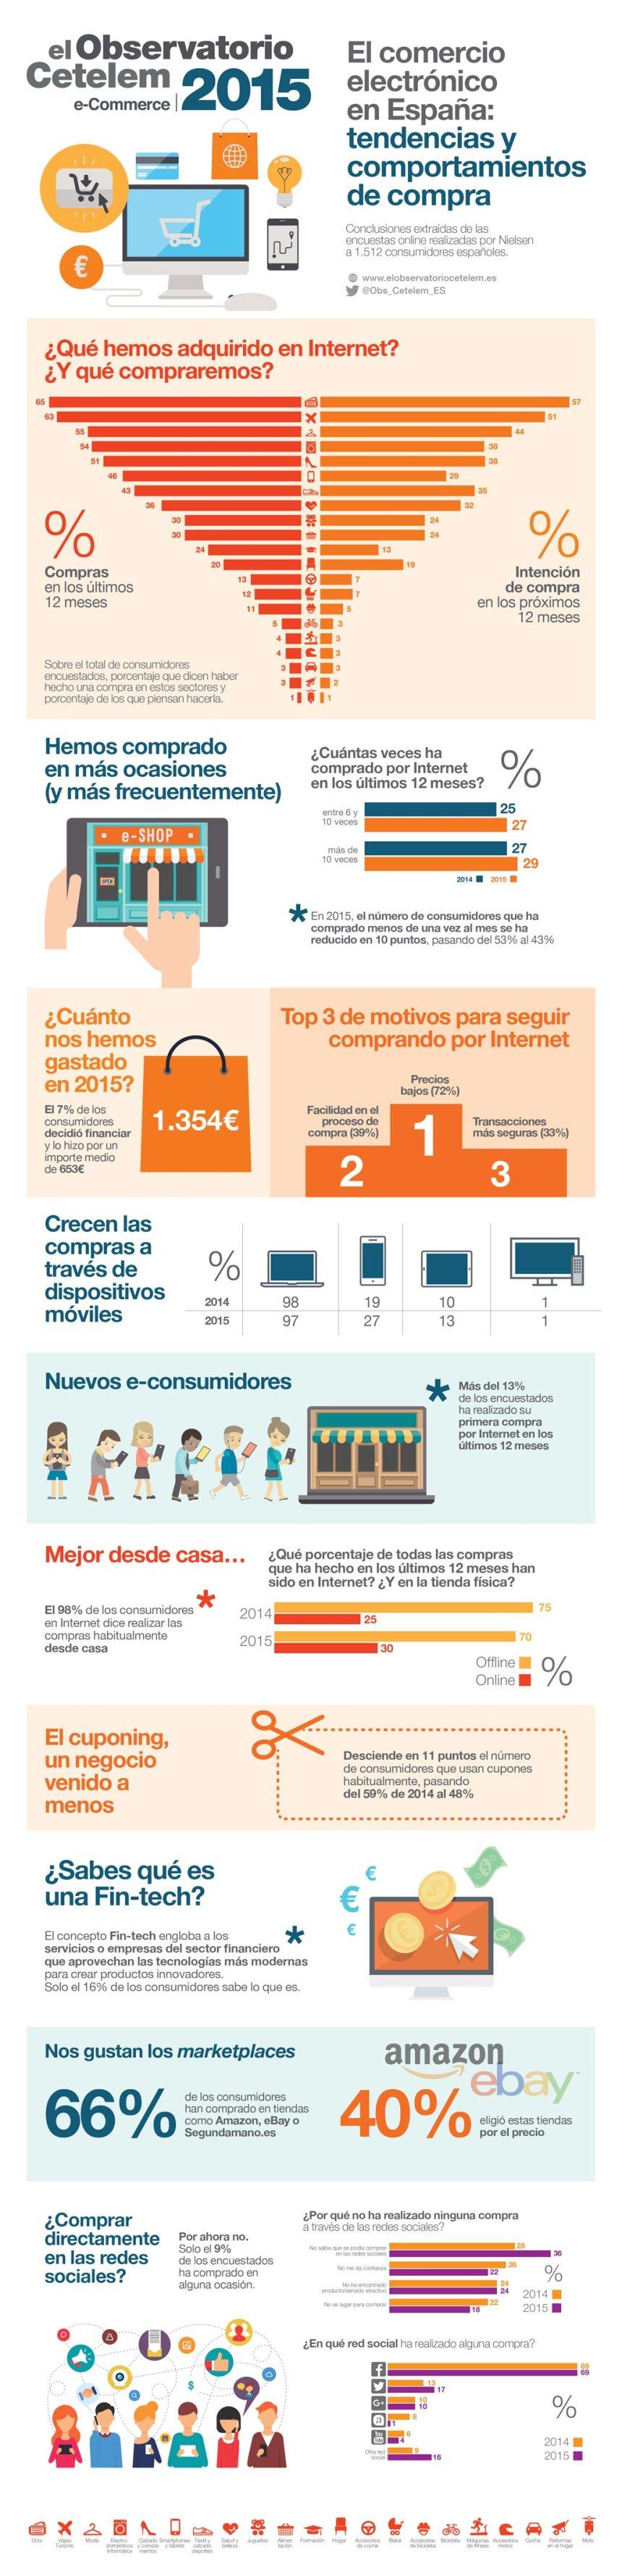 Comercio electrónico en España: tendencias y comportamientos